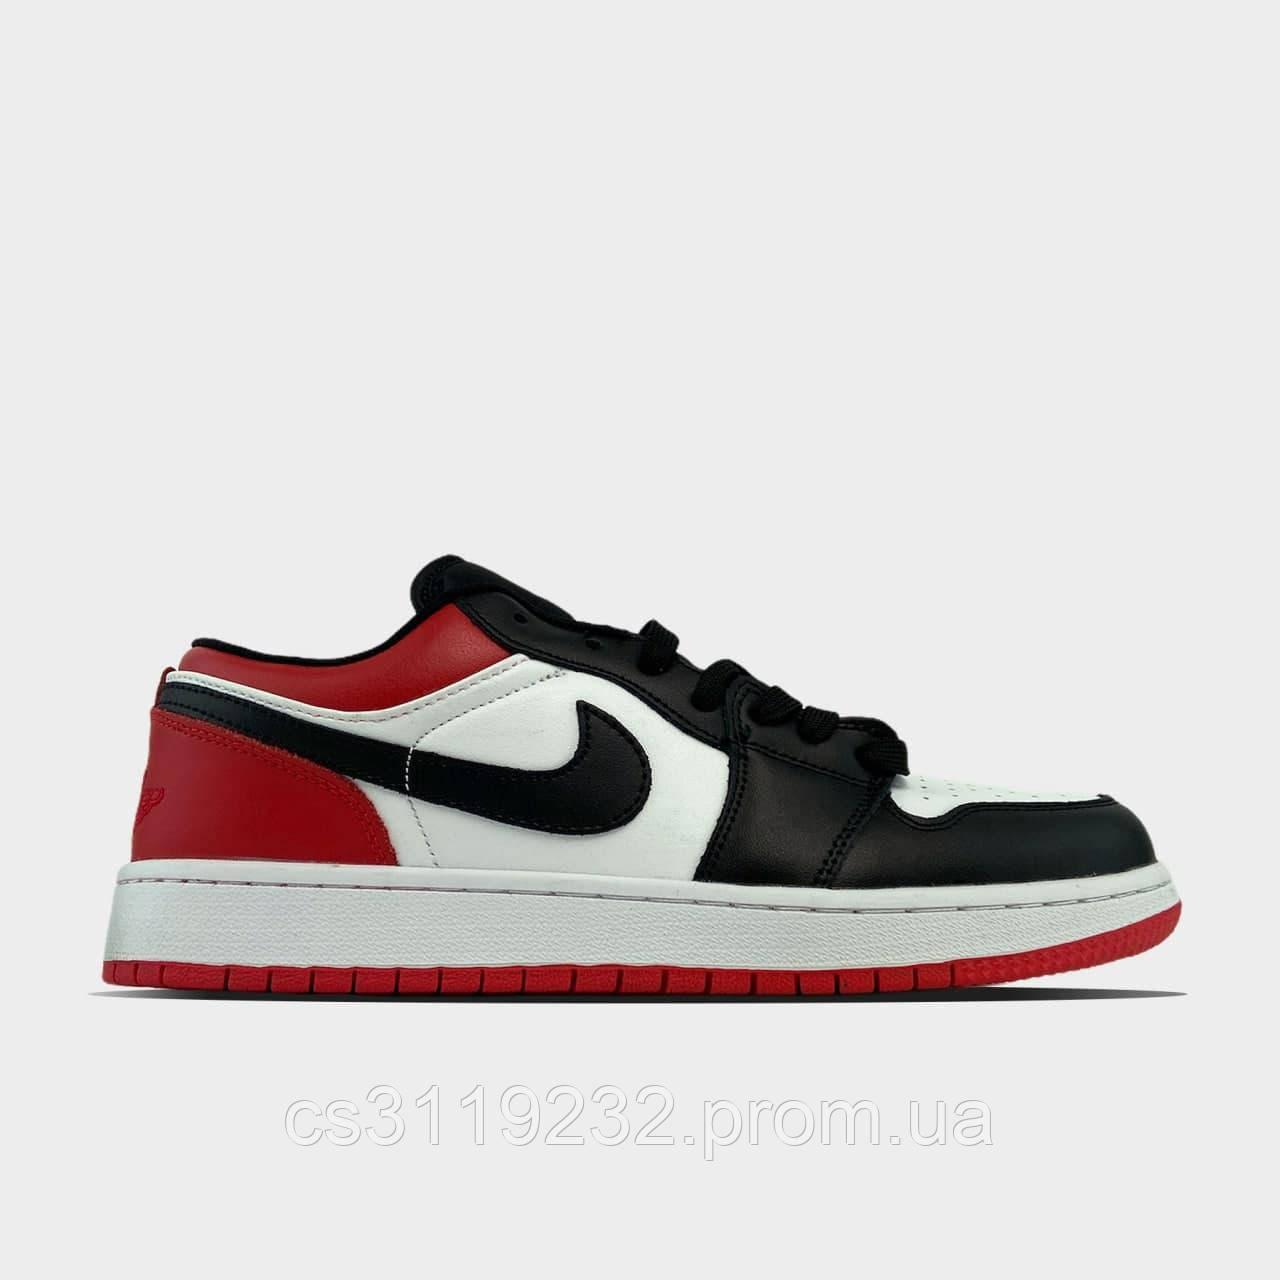 Чоловічі кросівки Nike Air Jordan 1 Low Black Red (червоний)